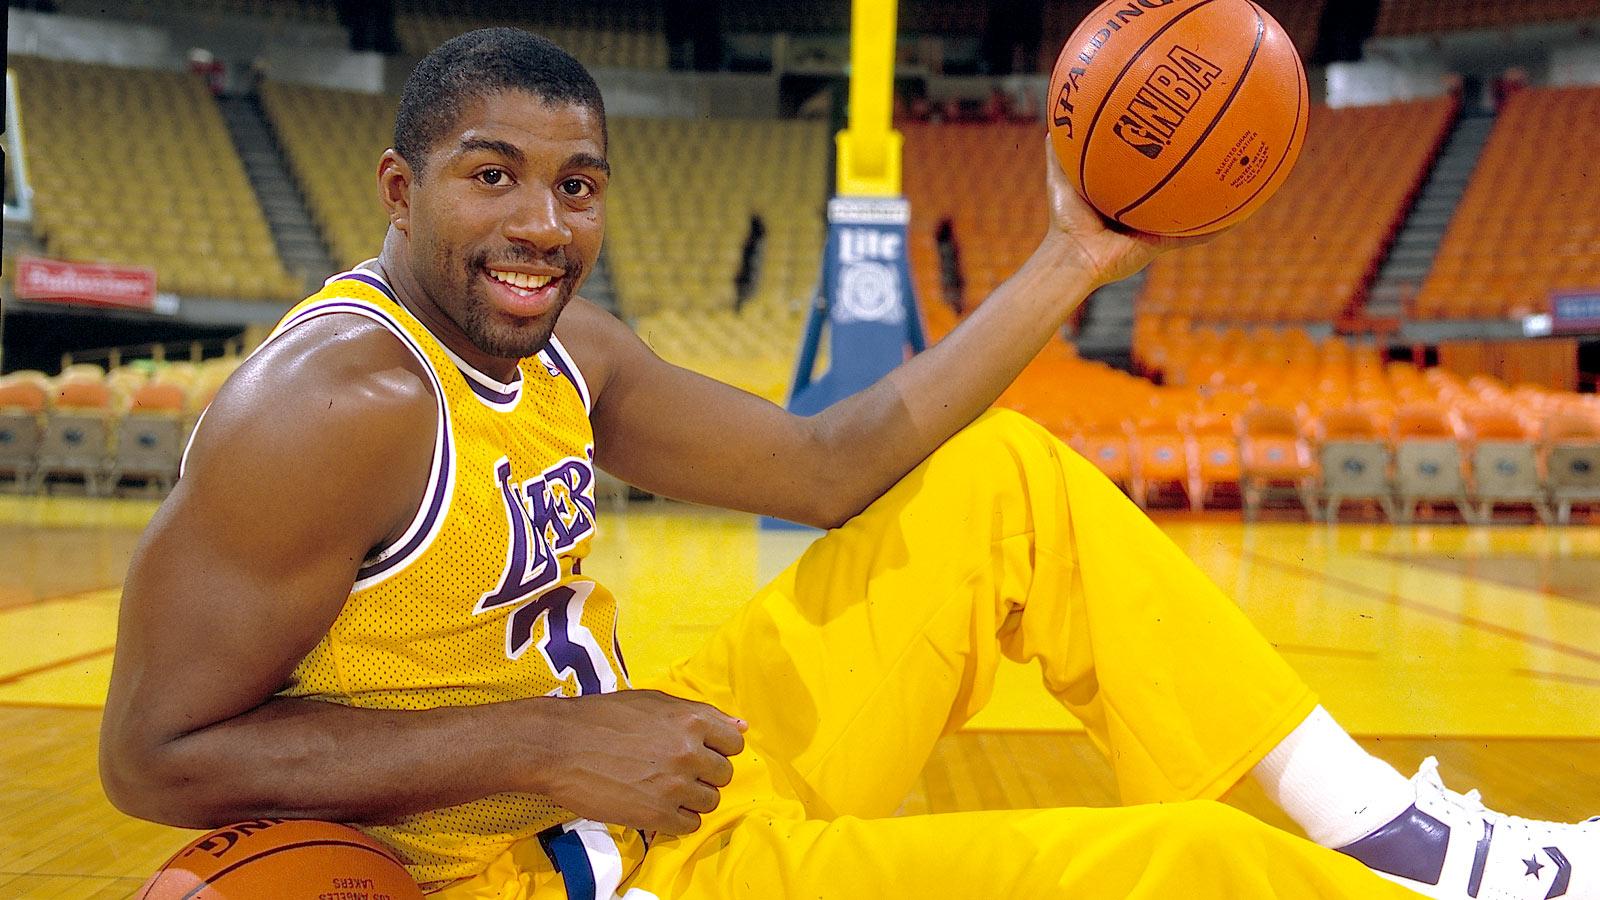 051315-43-NBA-Earvin-Magic-Johnson-Jr-OB-PI